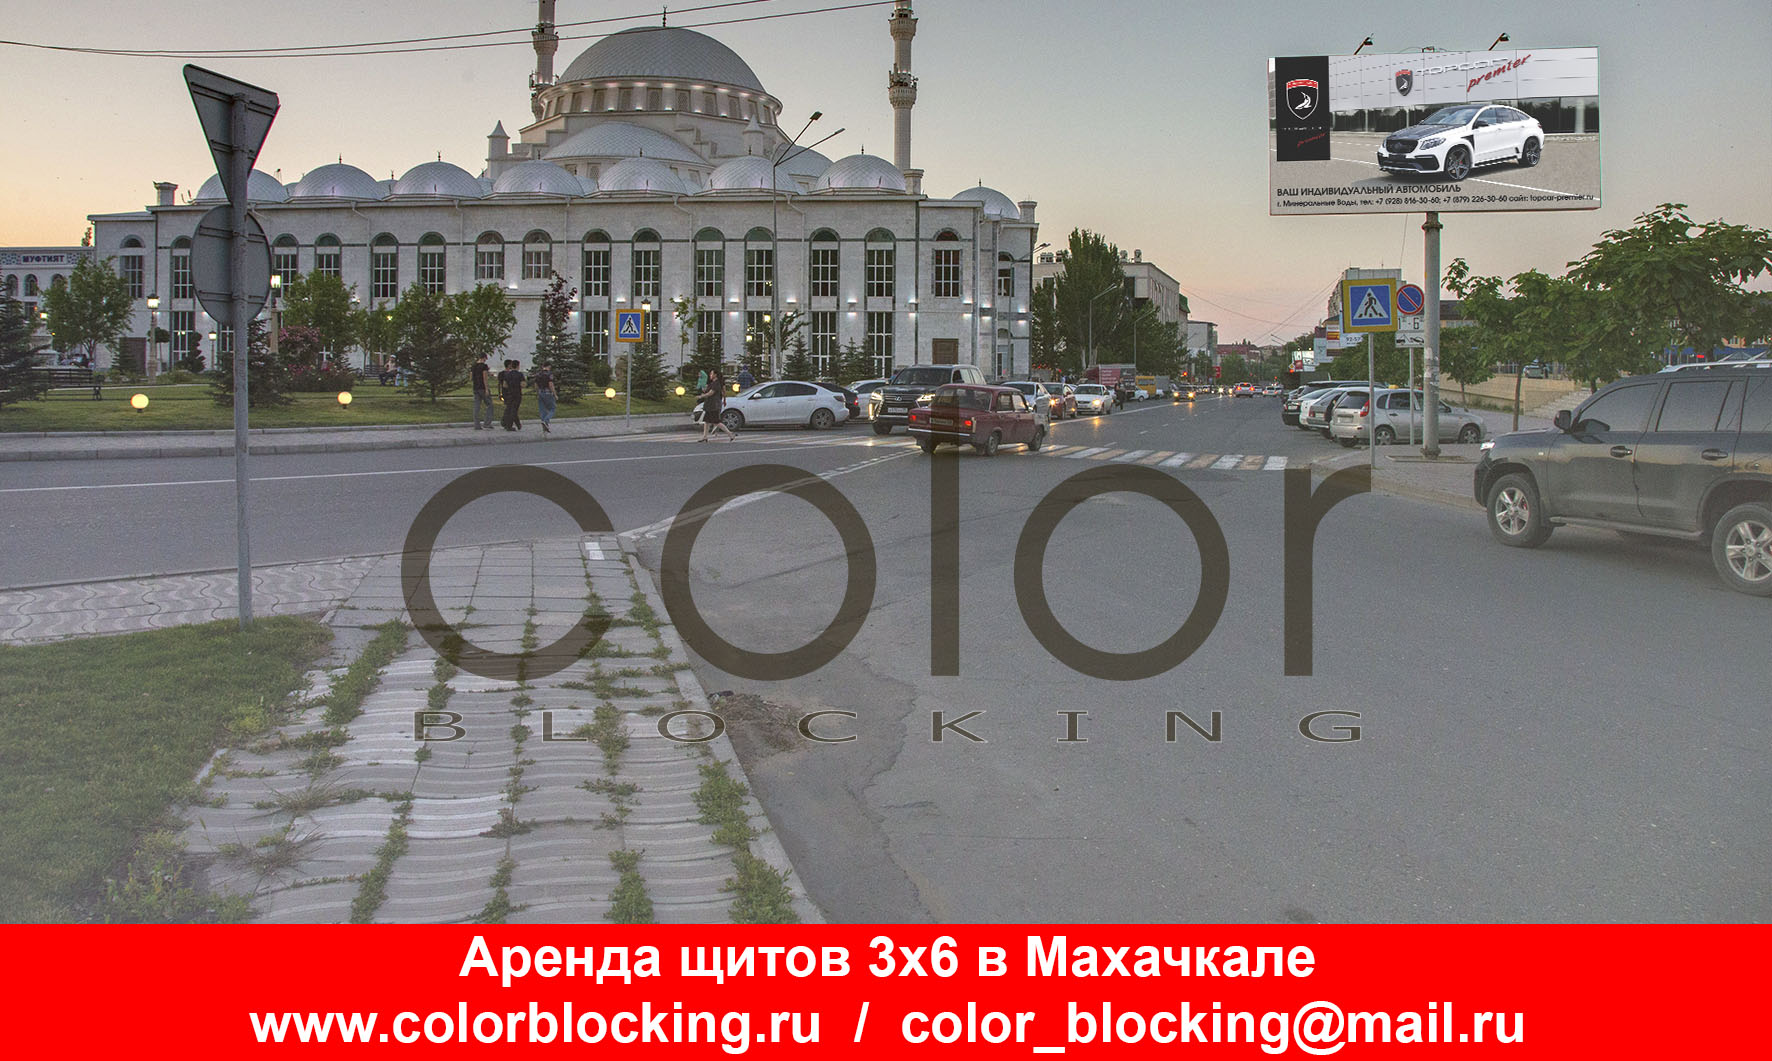 Наружная реклама в Махачкале Дахадаева